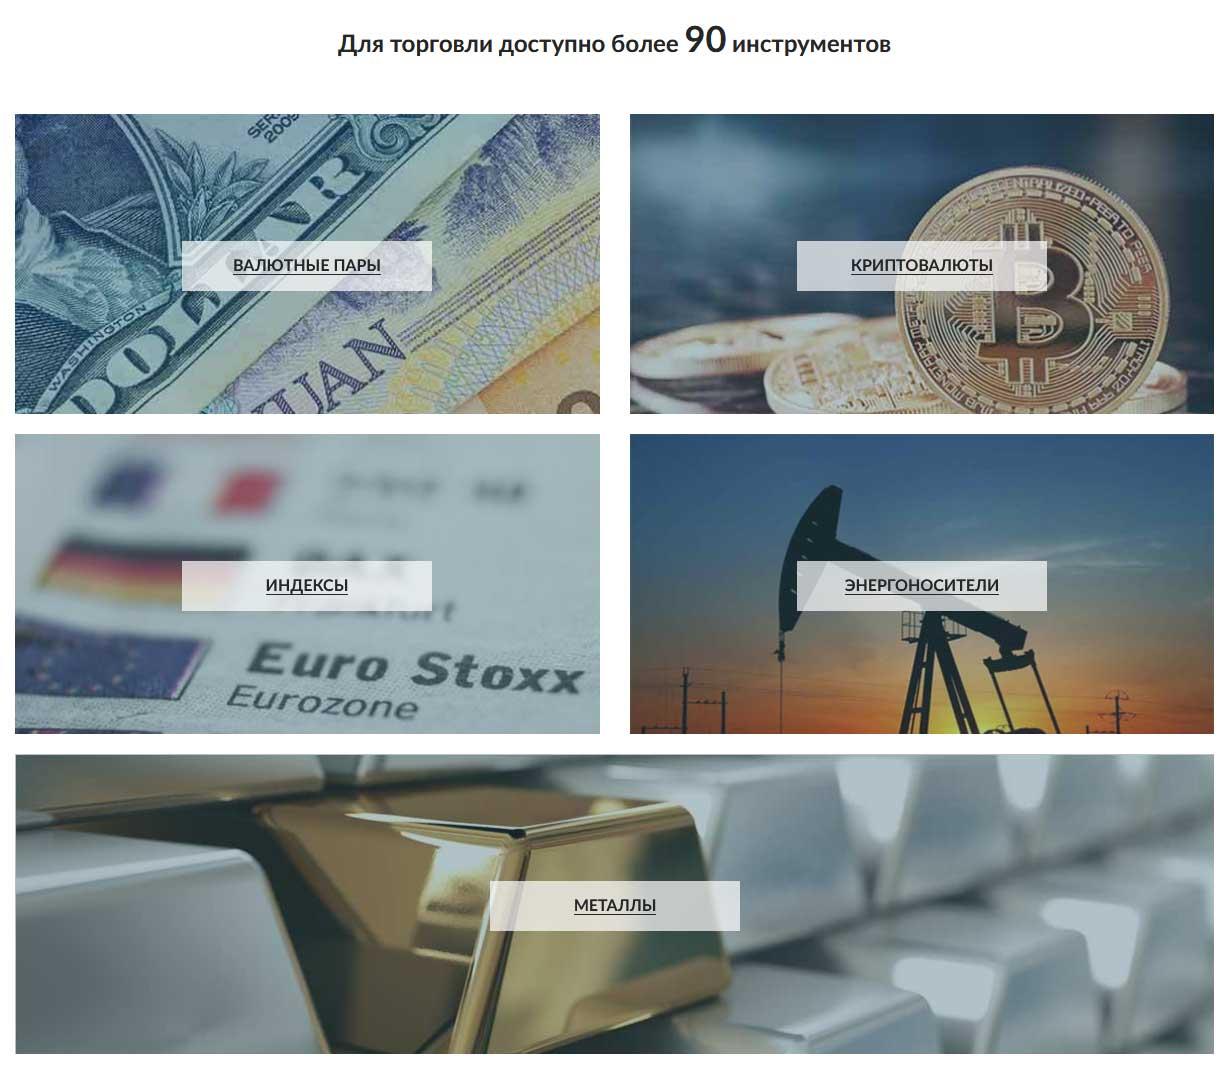 инструменты торговли арум капитал